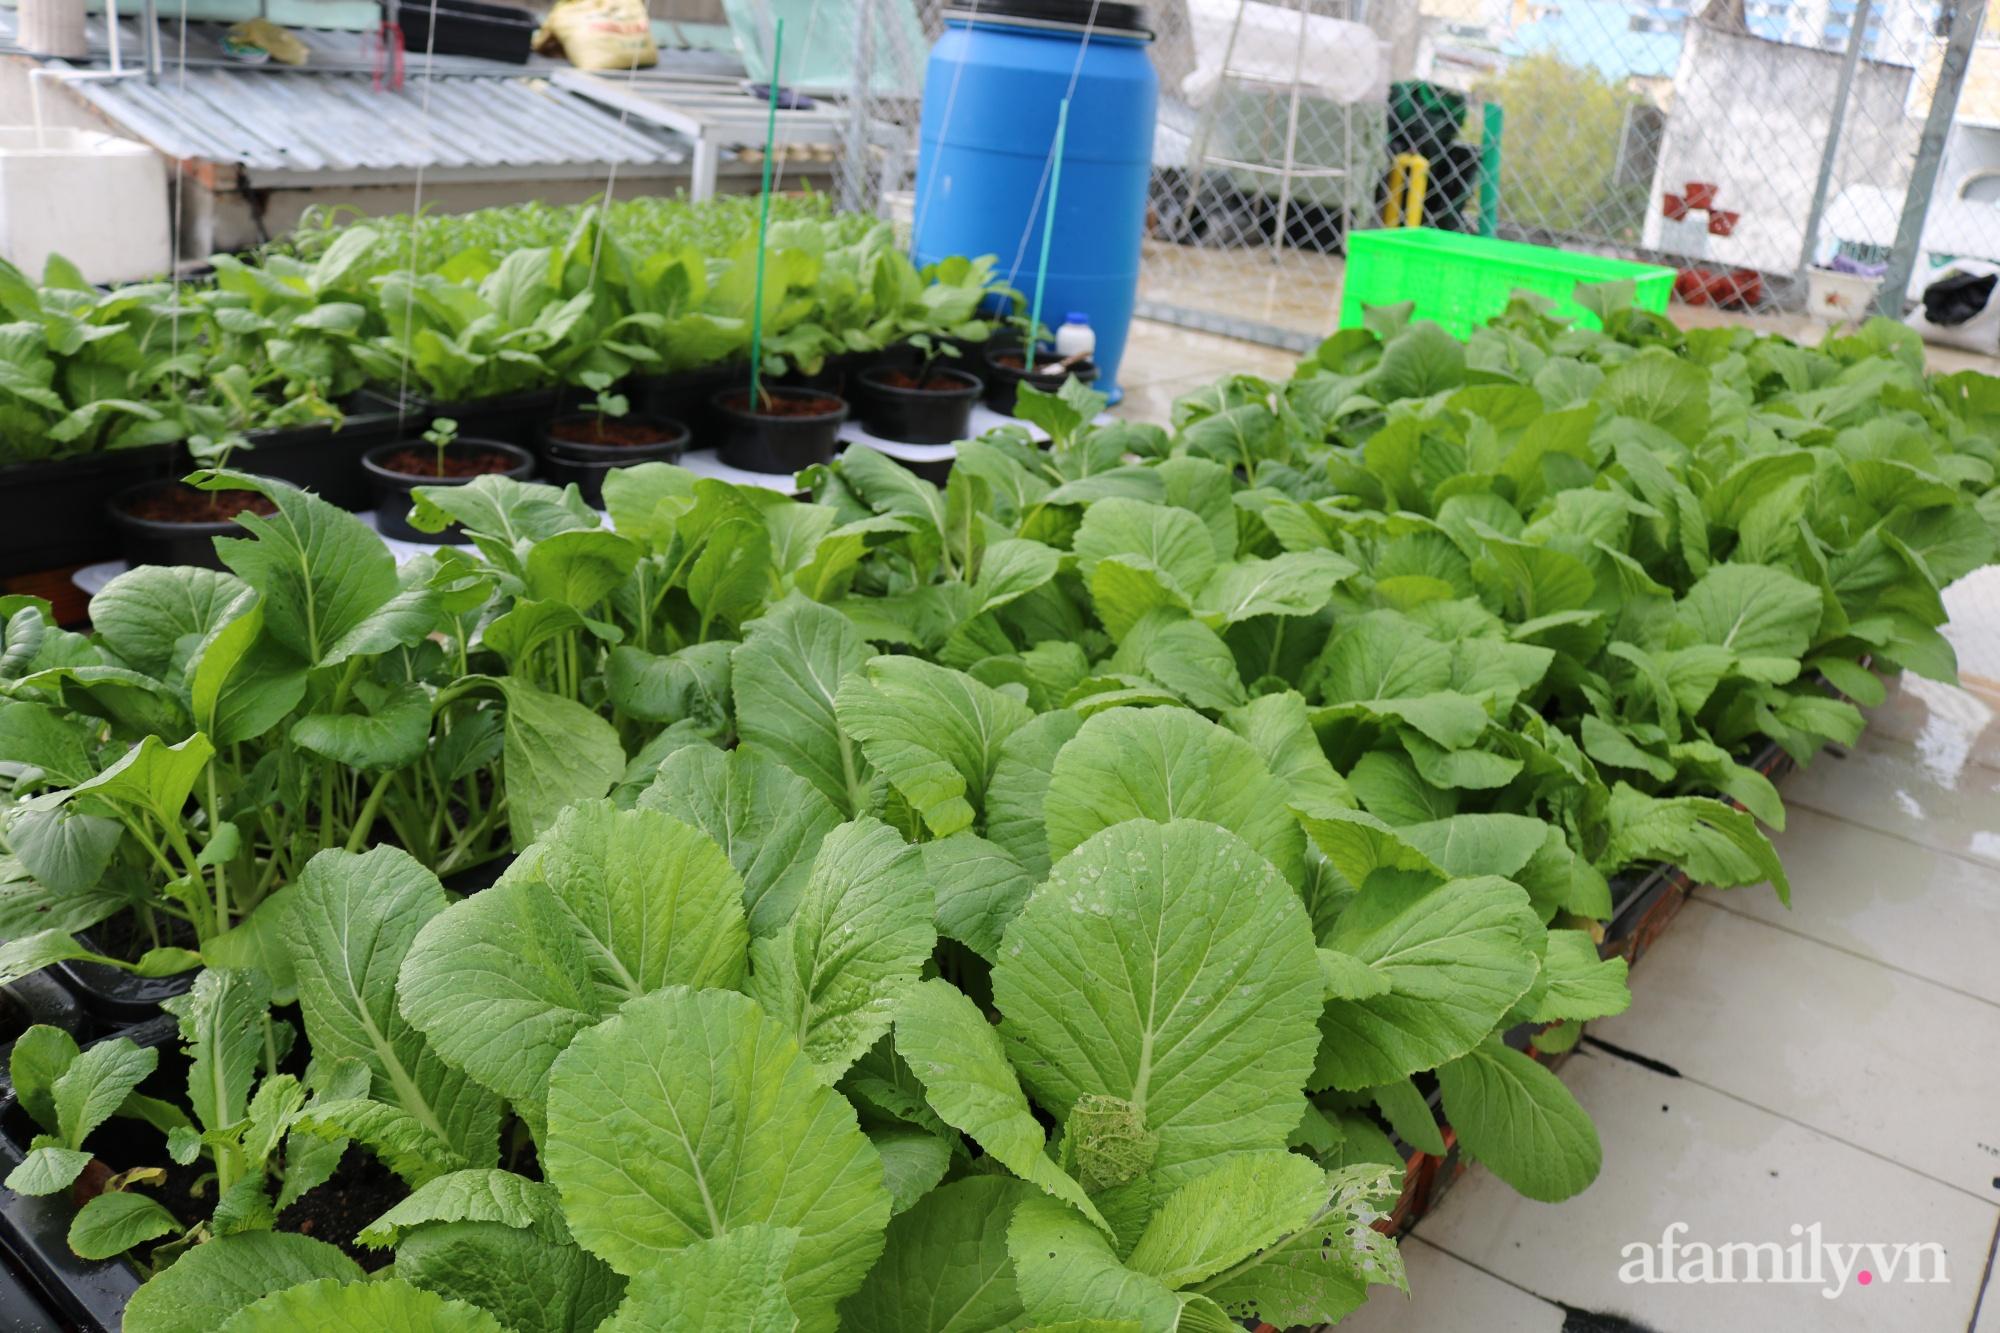 Sân thượng 100m² trồng rau nuôi cá với tổng chi phí đầu tư 80 triệu đồng ở quận 12 Sài Gòn - Ảnh 6.